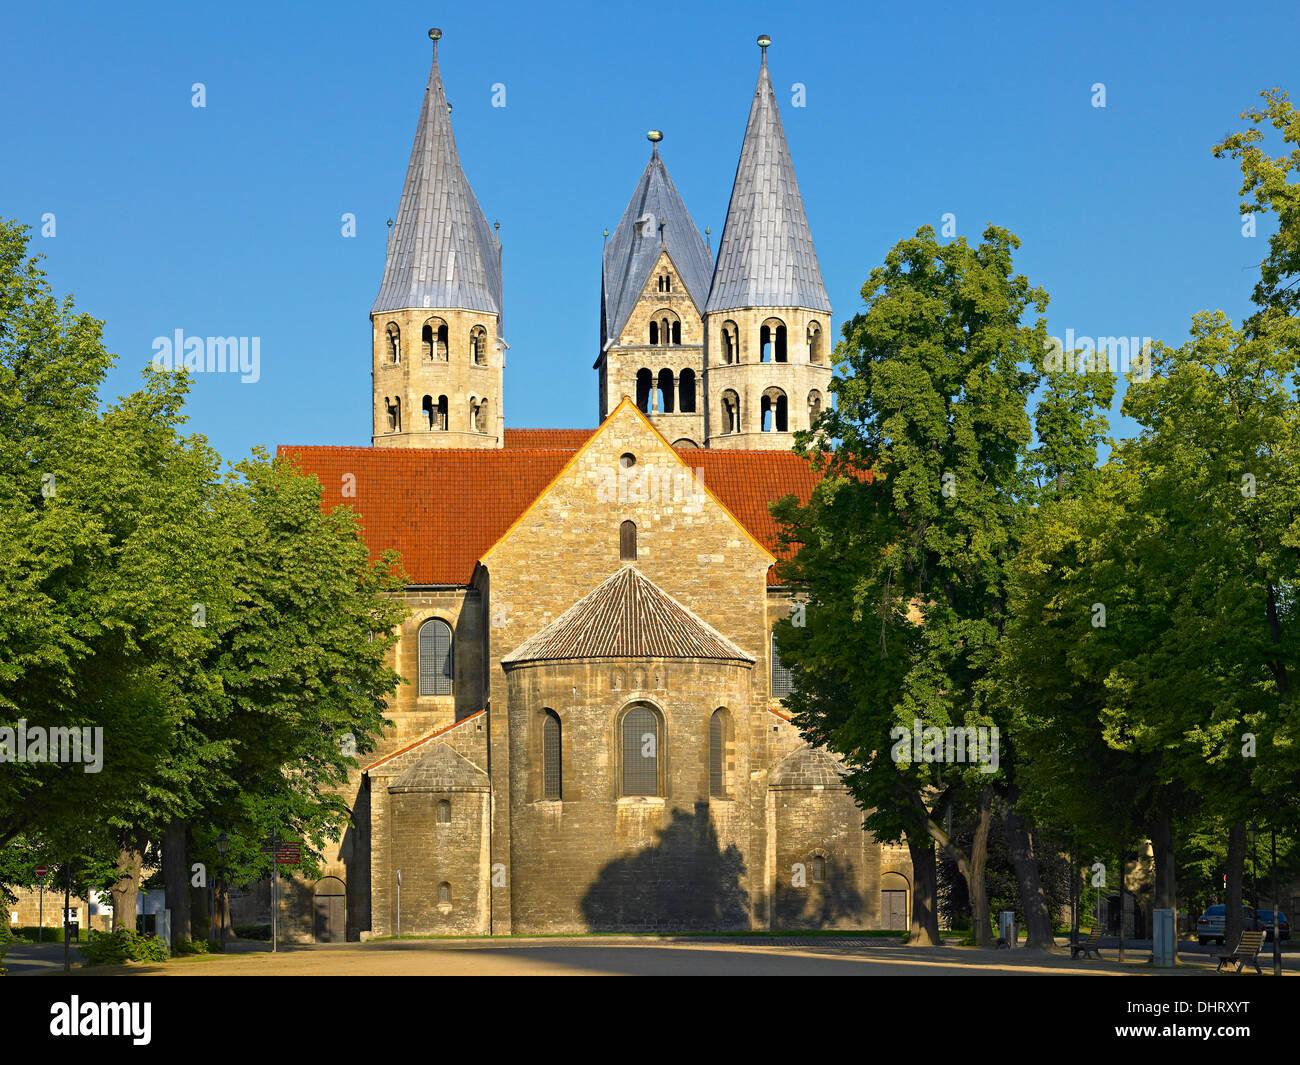 Kirche unserer lieben Frau, Domplatz Quadrat, Halberstadt, Sachsen-Anhalt, Deutschland Stockbild